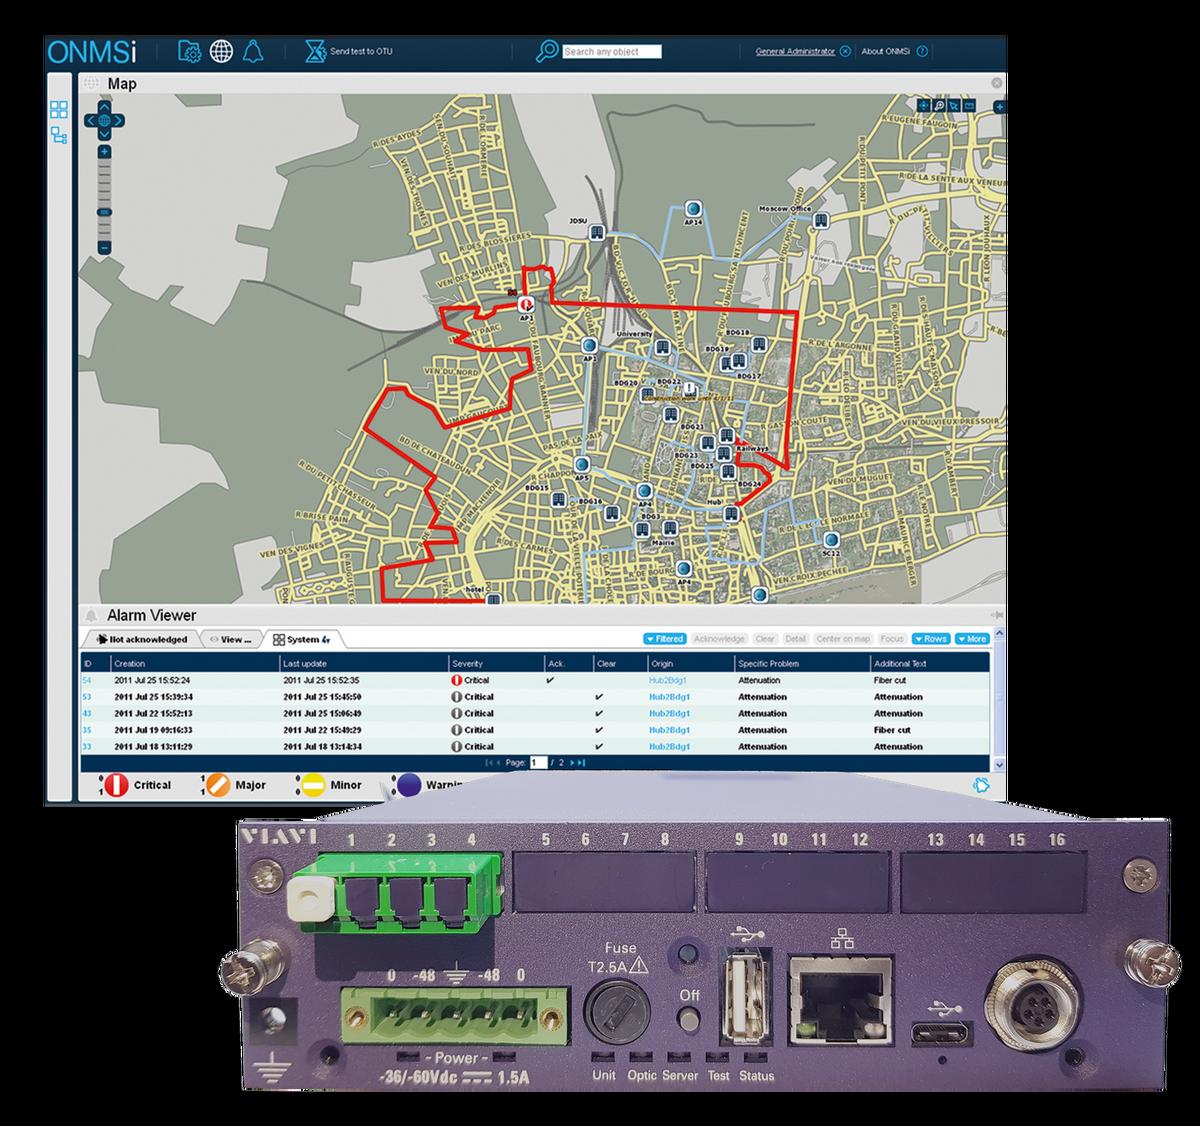 Función de monitorización de fibra patentada para el software ONMSi y SmartOTU